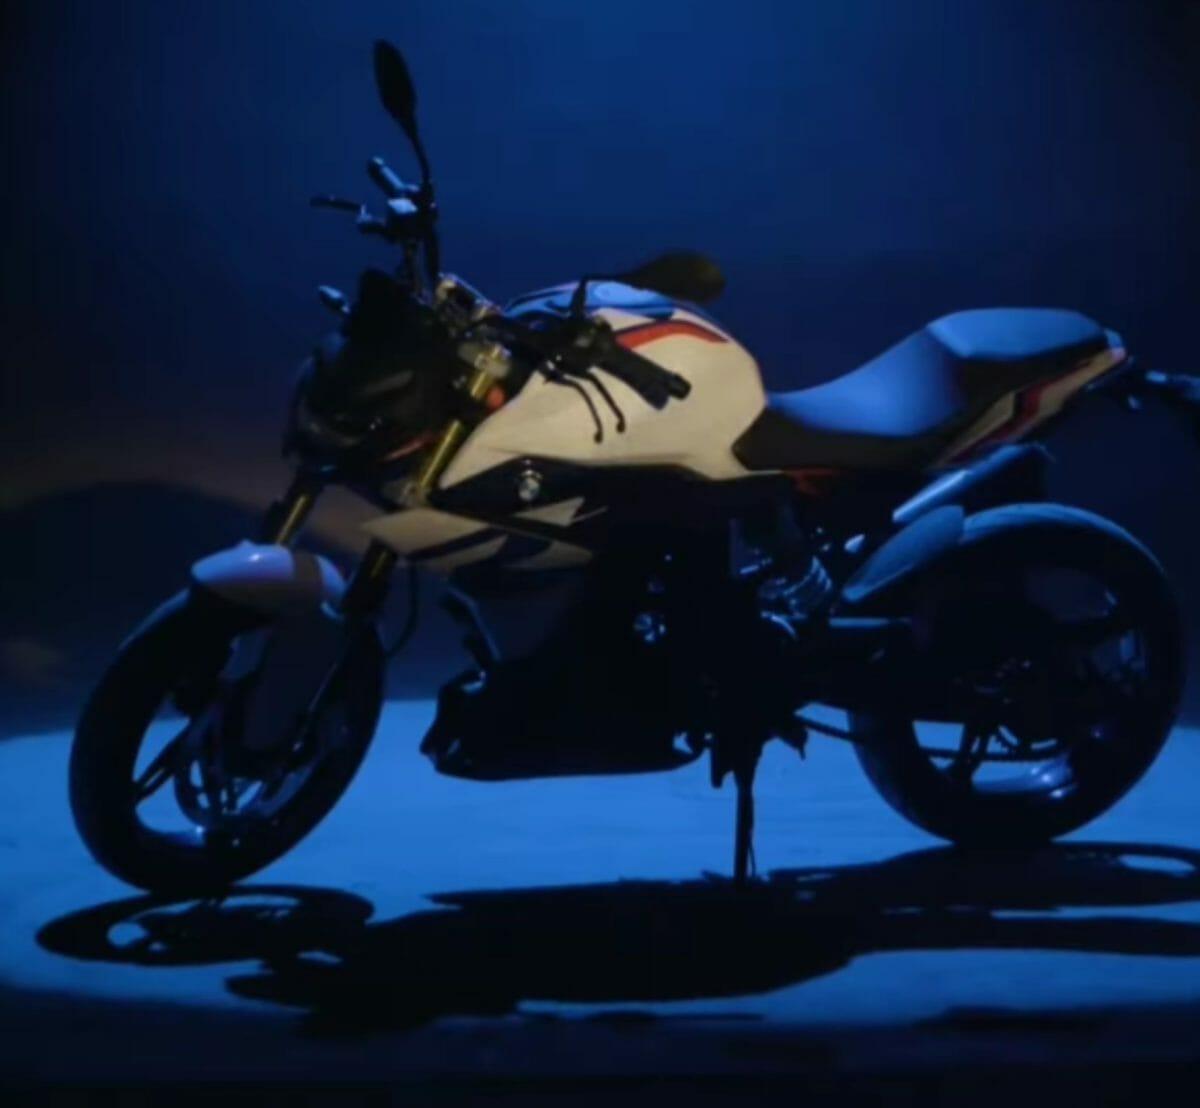 2021 BMW G310 R teased